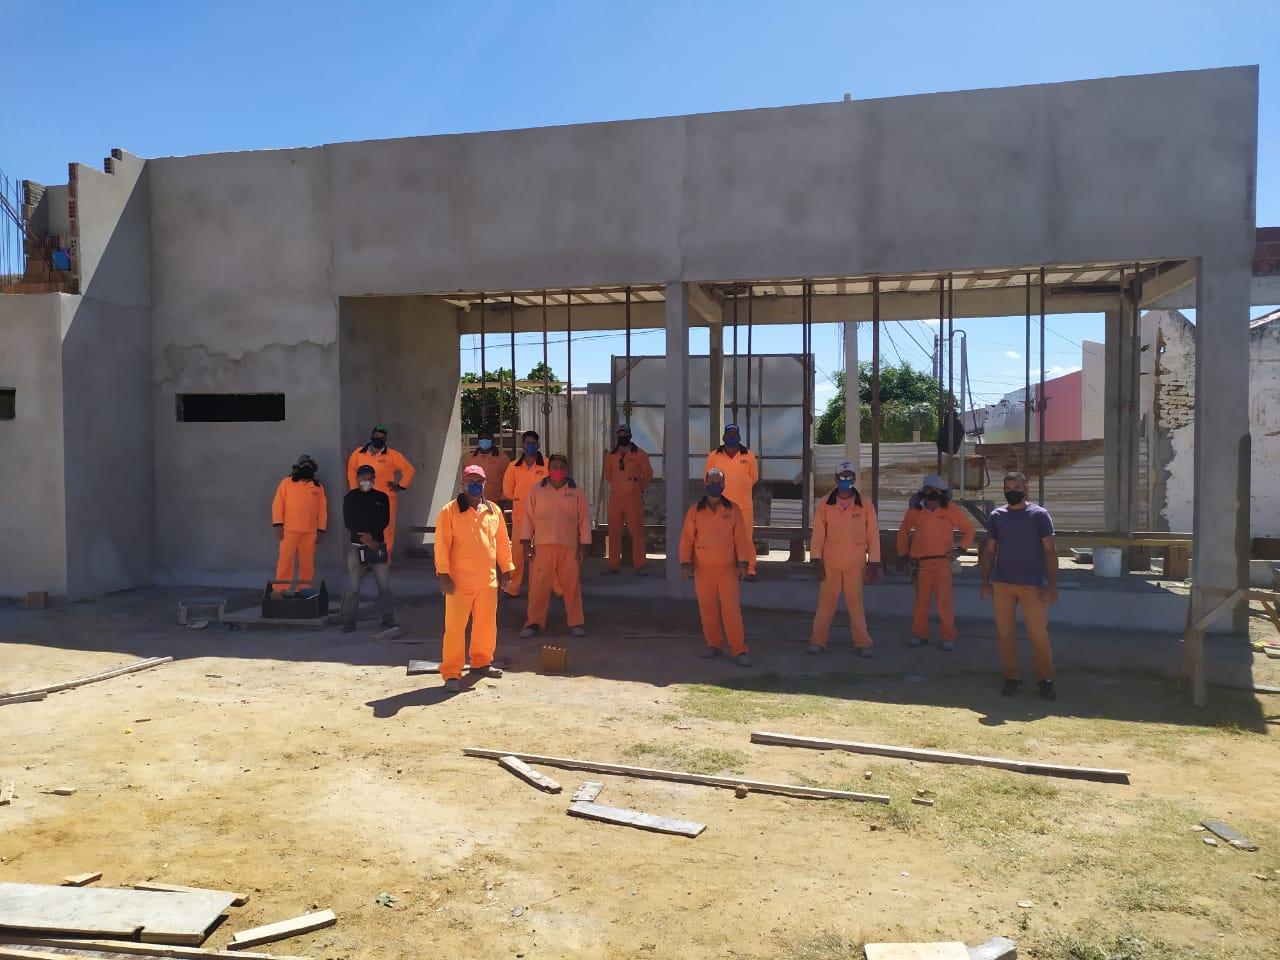 Obras-do-Complexo-Esportivo-Inácio-José-Feitosa-estão-em-fase-adiantada-3 Obras do Complexo Esportivo Inácio José Feitosa estão em fase adiantada